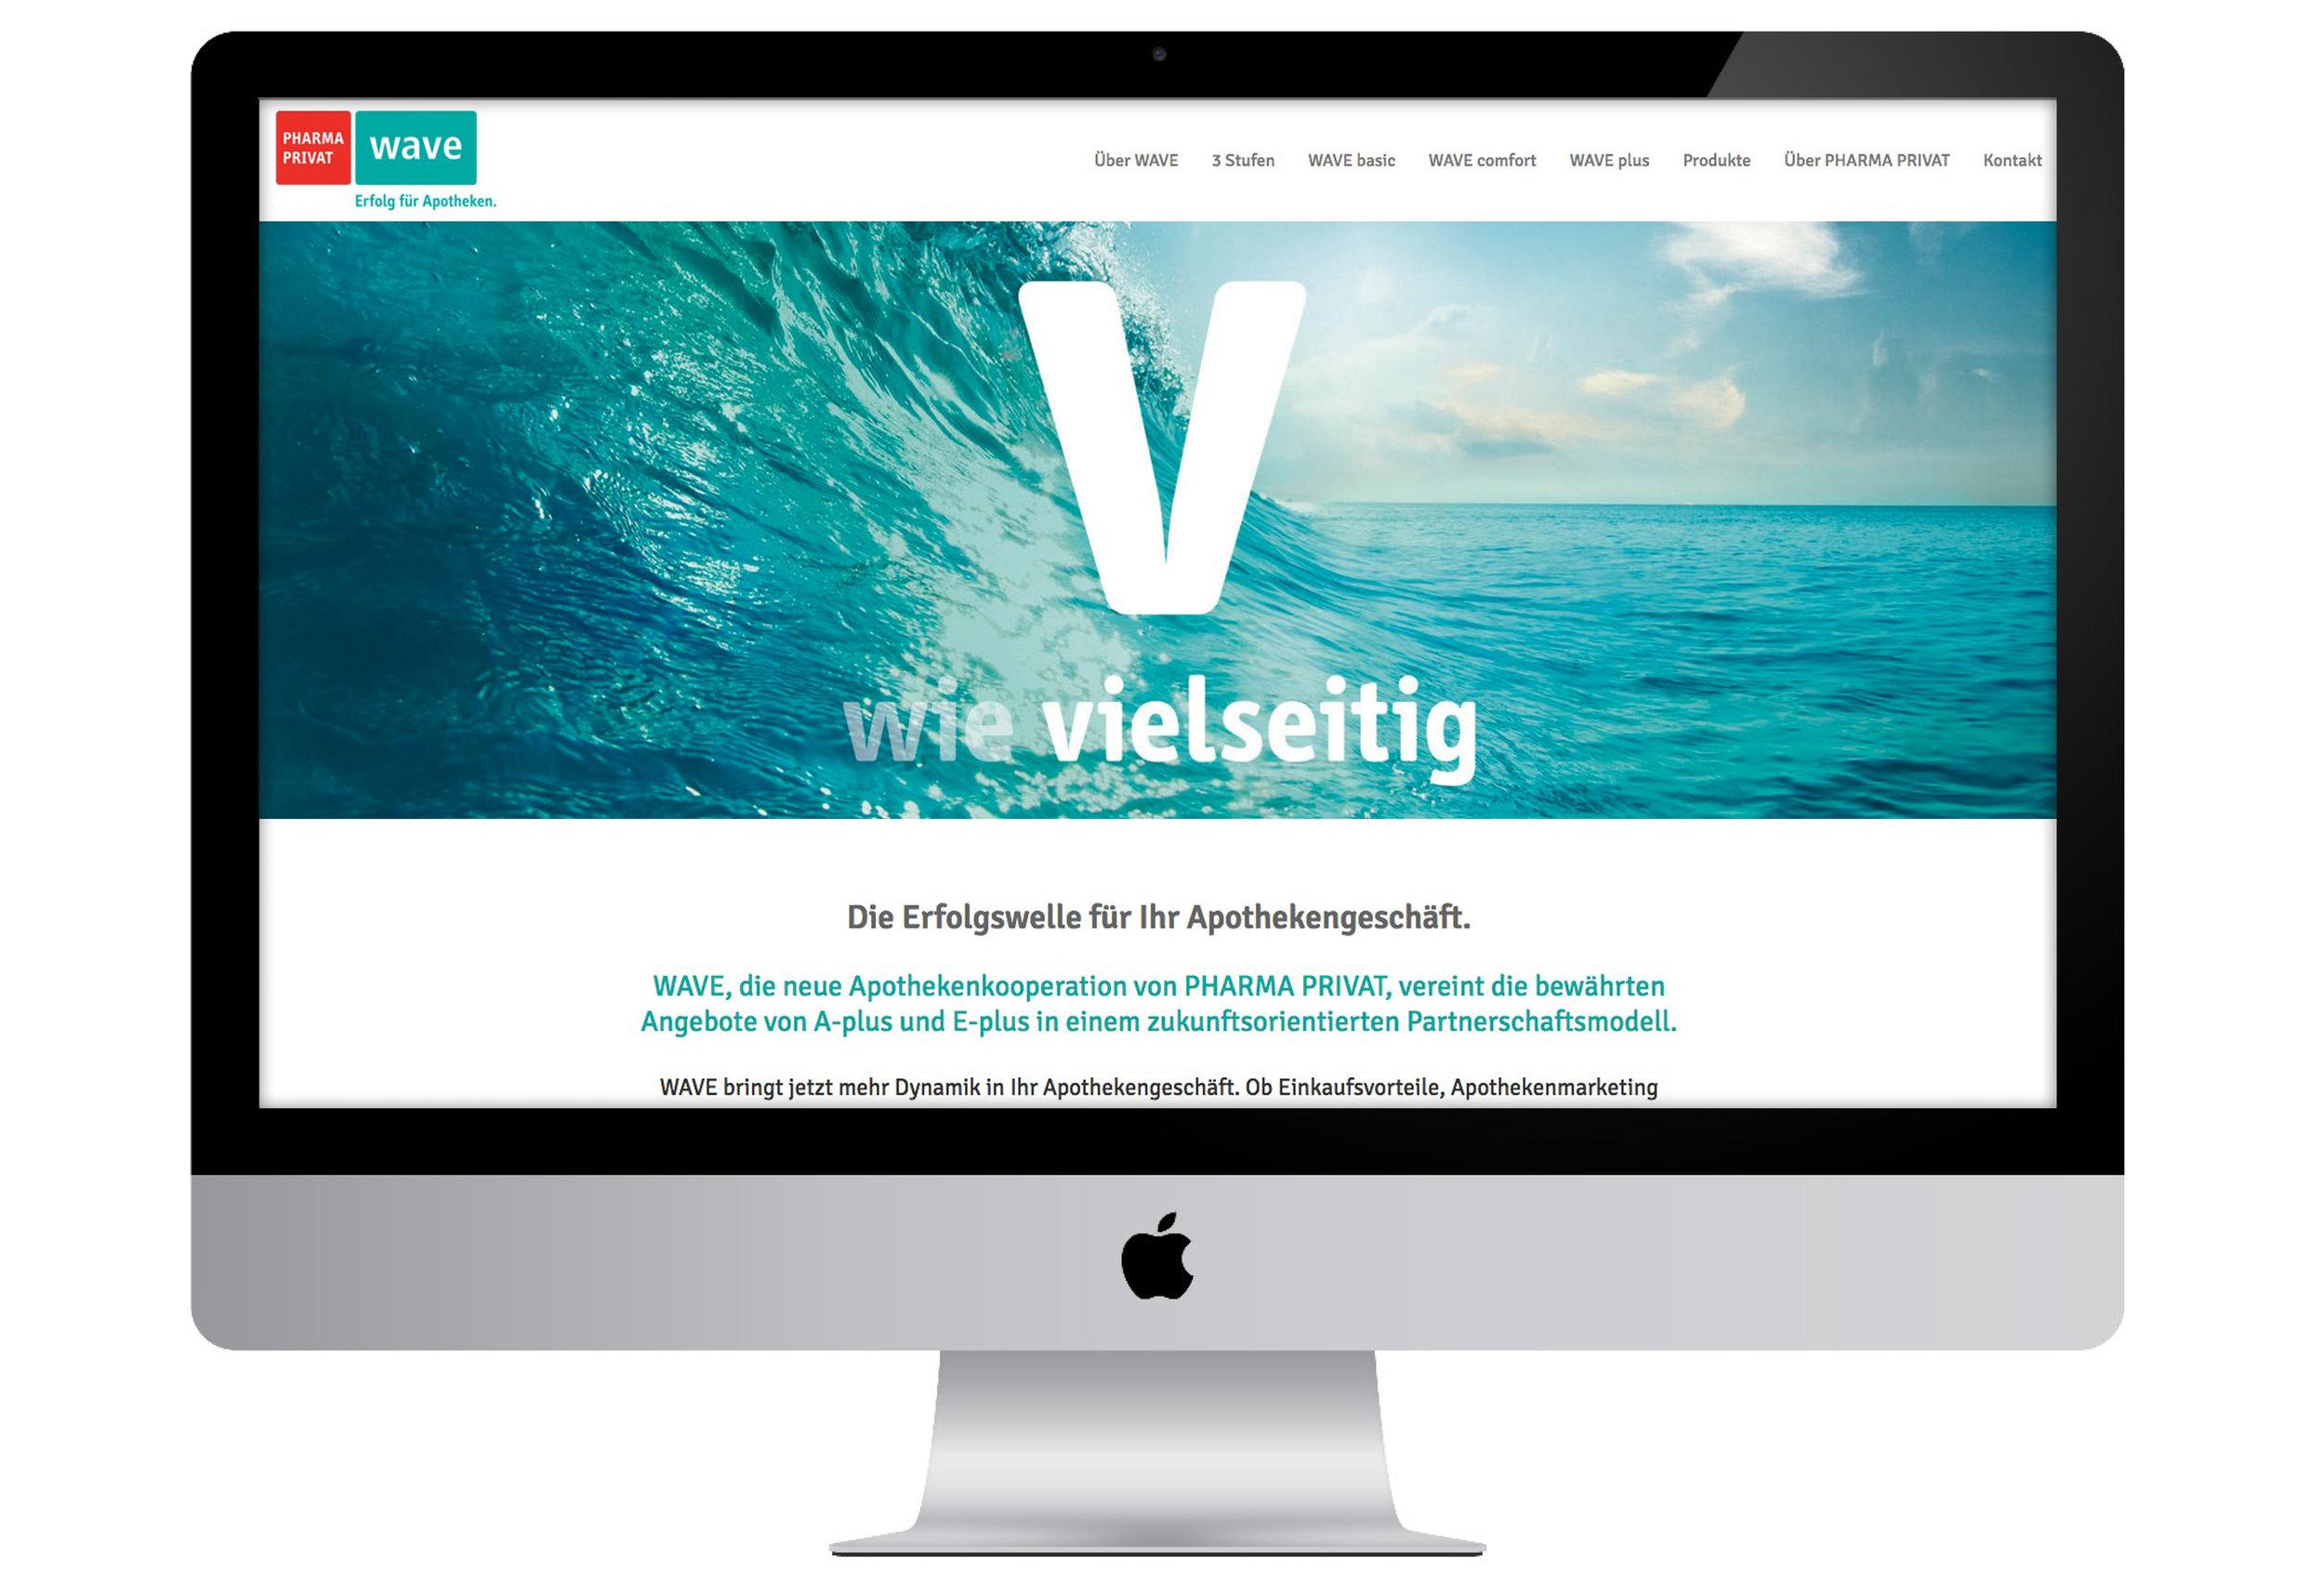 WAVE_Webauftritt_04.jpg